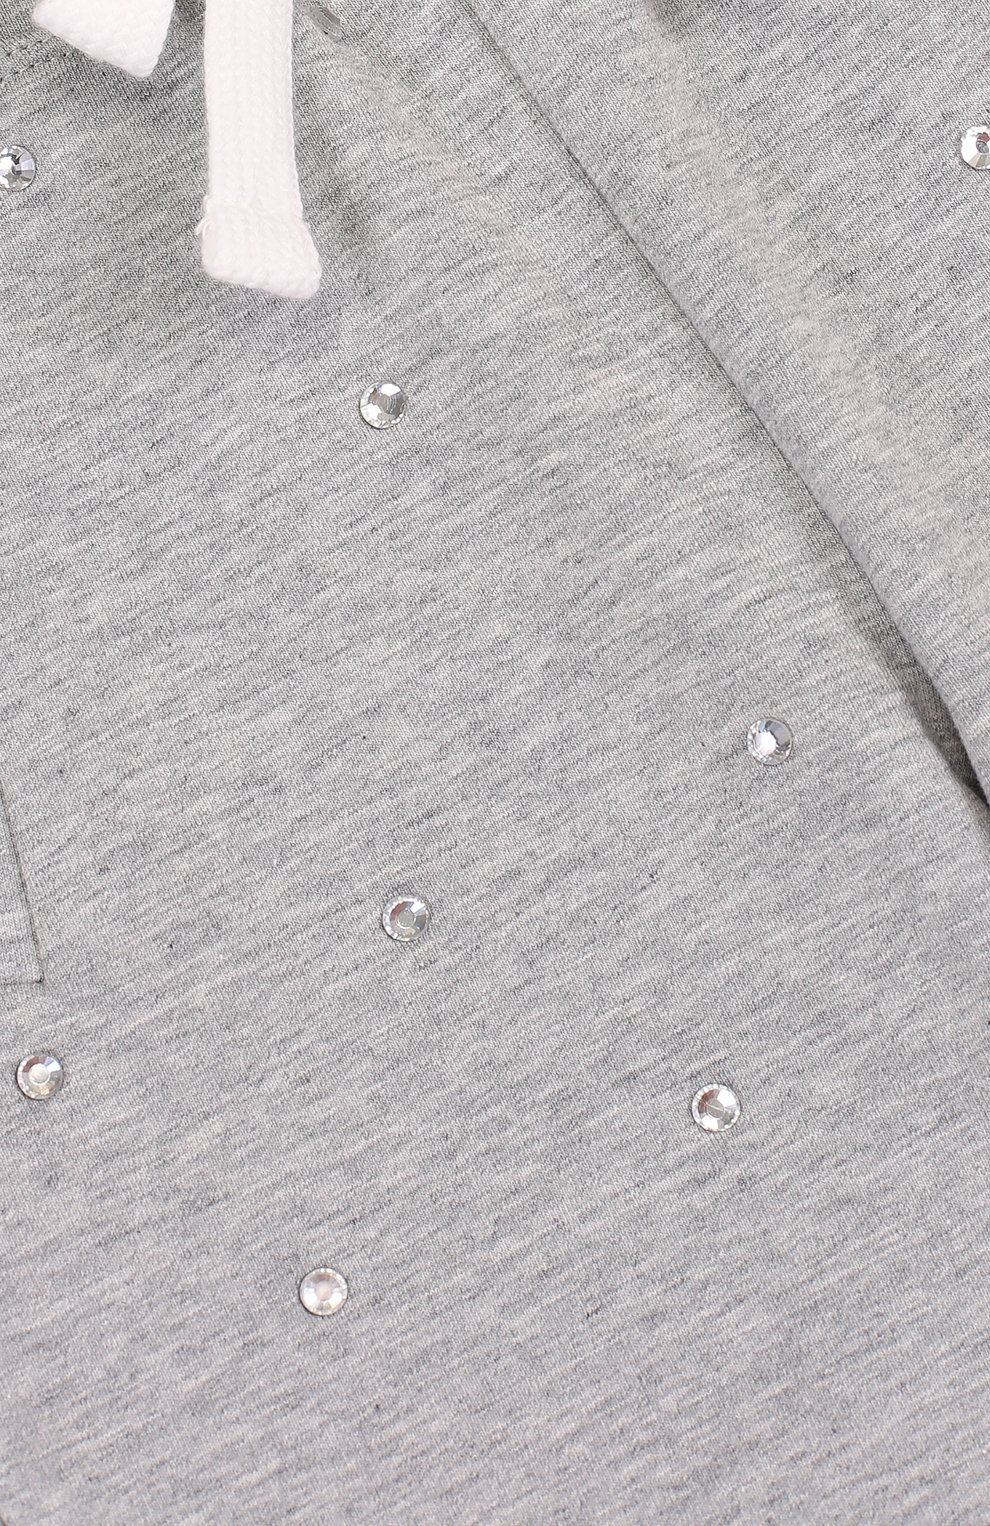 Детские хлопковые джоггеры со стразами NO. 21 светло-серого цвета, арт. 08 X/K107/3440/26-32 | Фото 3